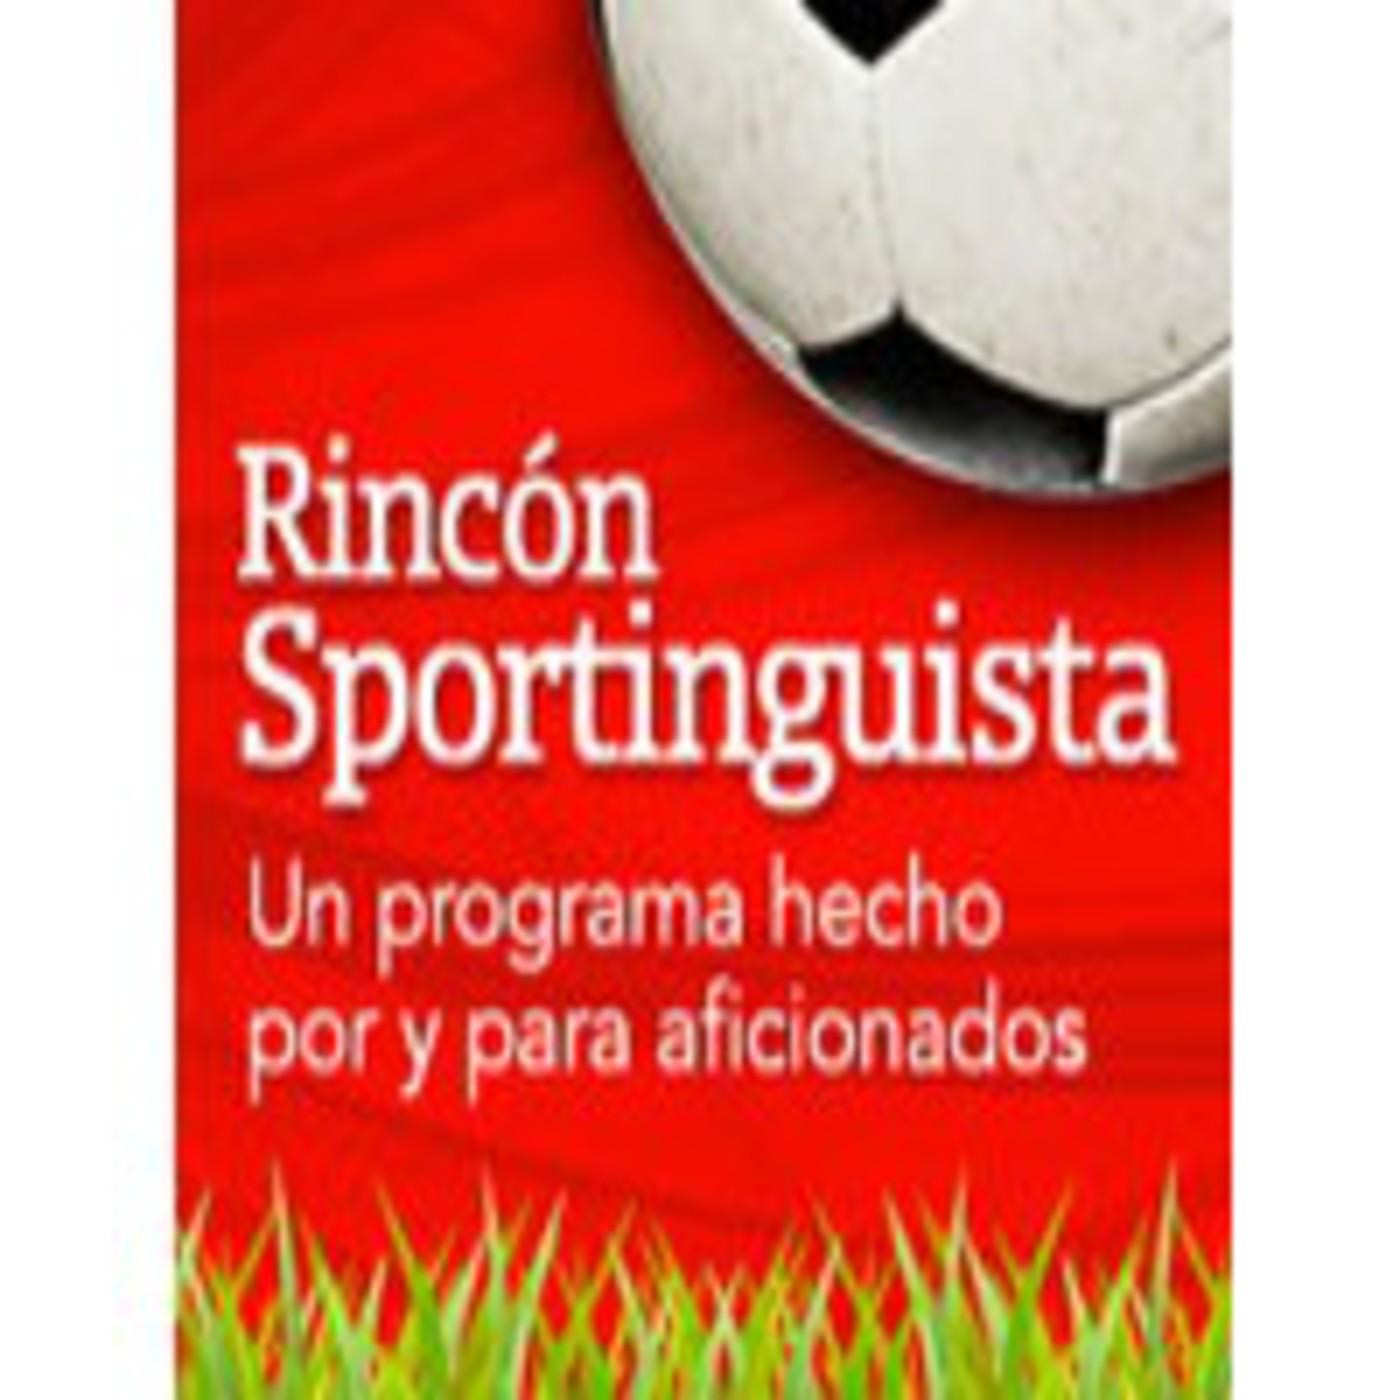 <![CDATA[Rincón Sportinguista]]>